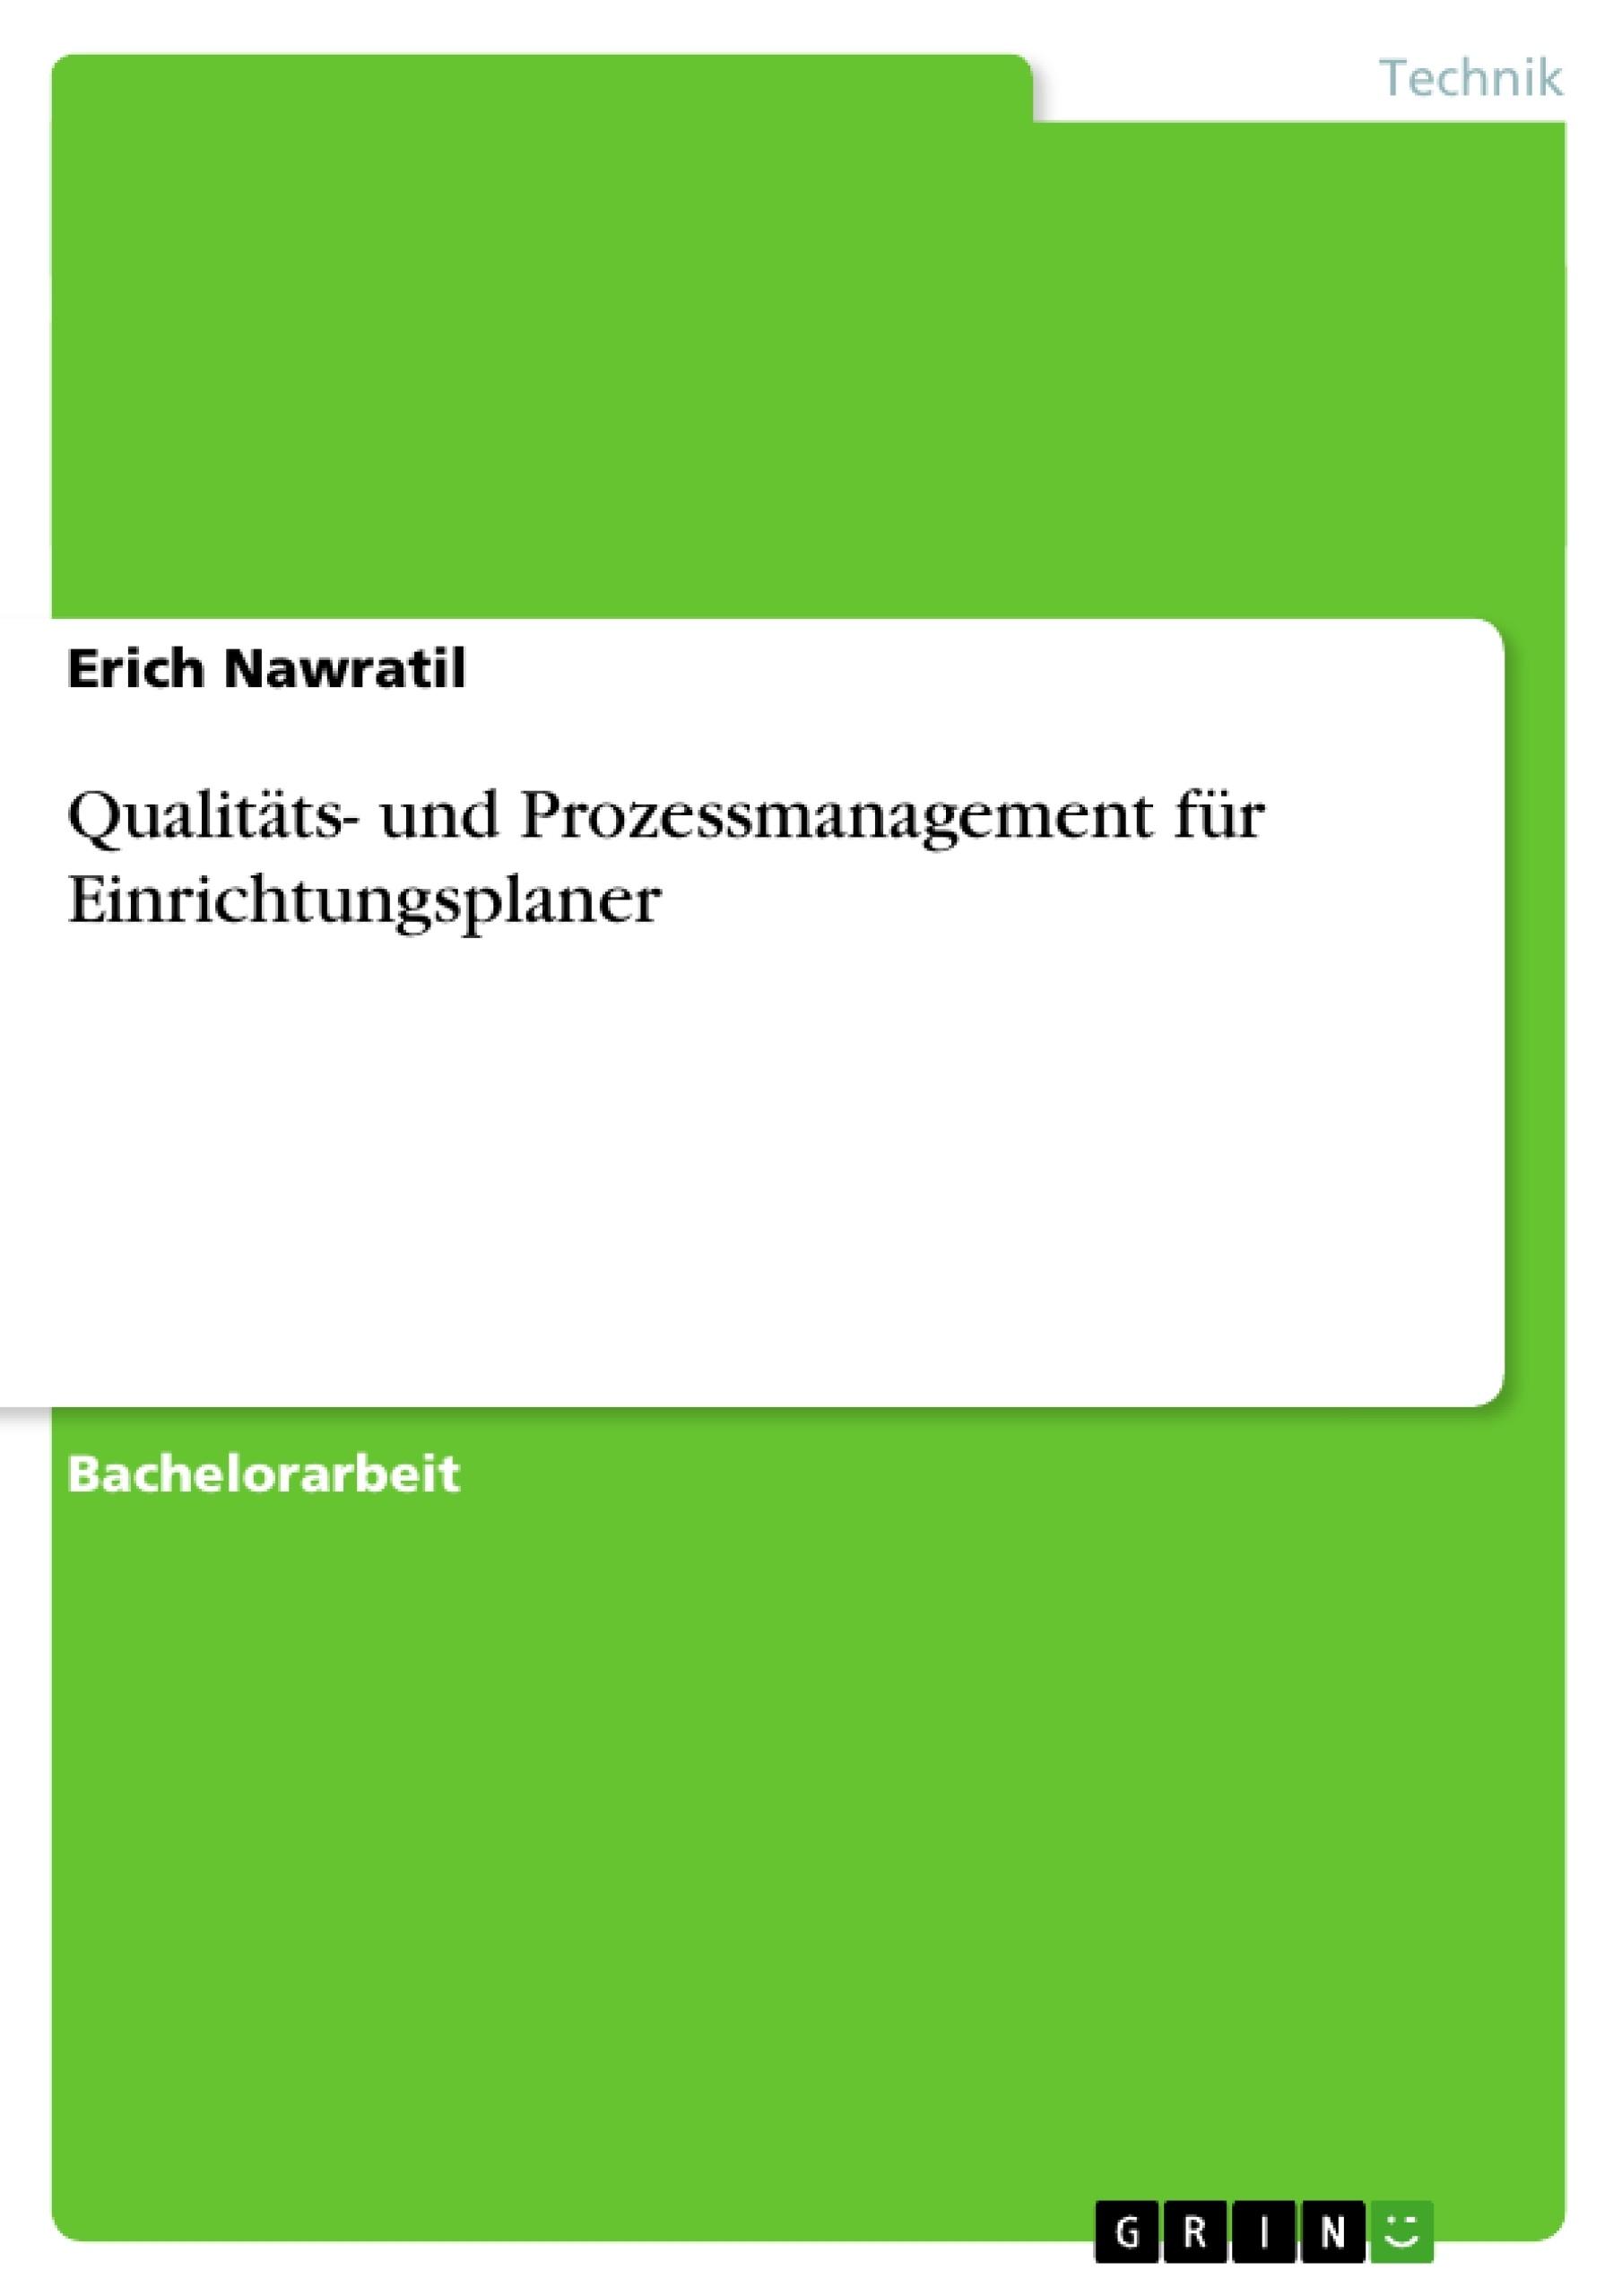 Titel: Qualitäts- und Prozessmanagement für Einrichtungsplaner